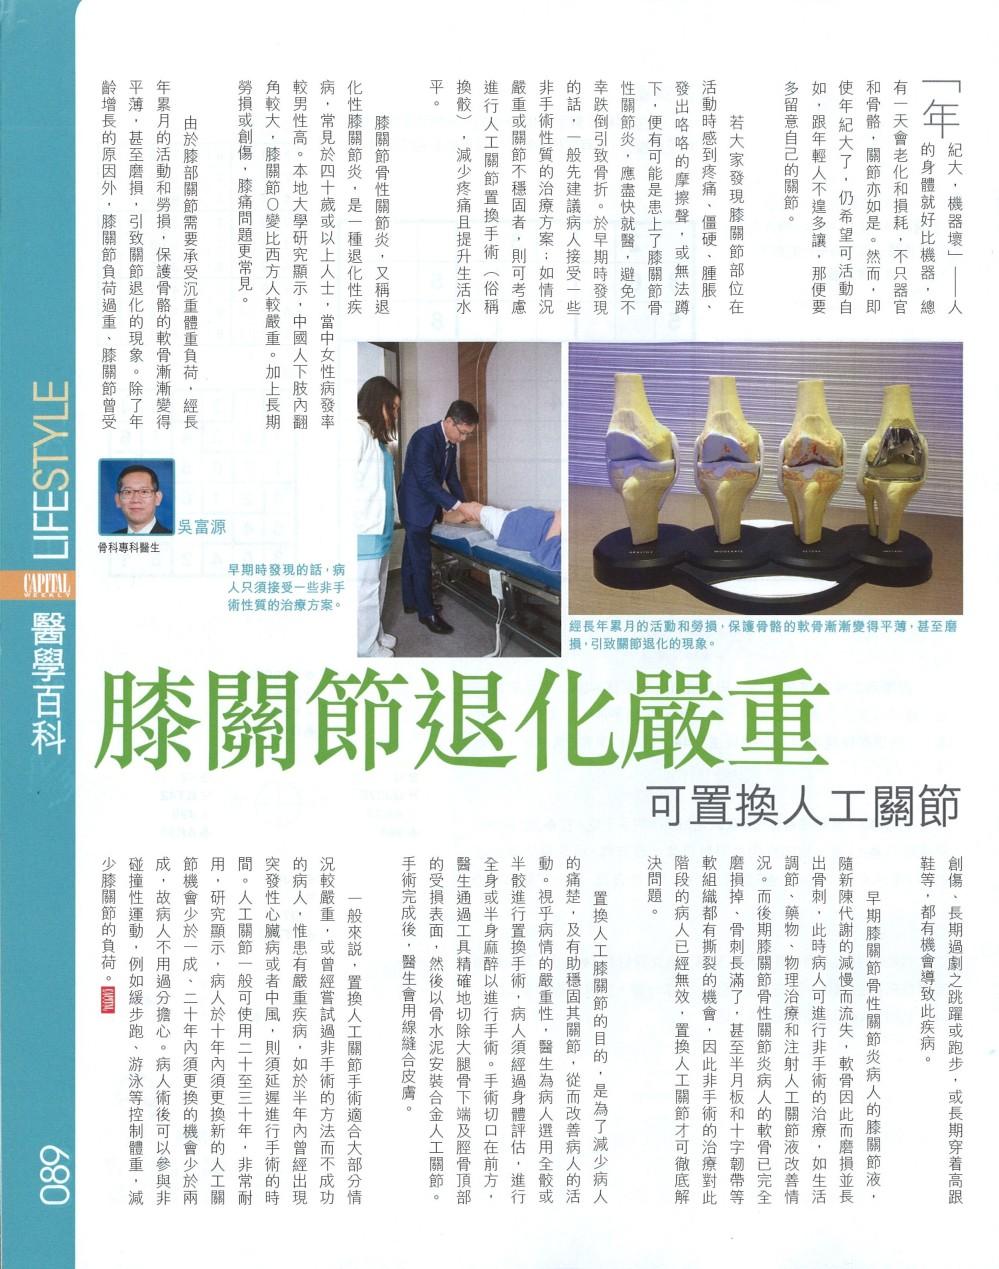 20160324155646_00001_capital weekly.jpg